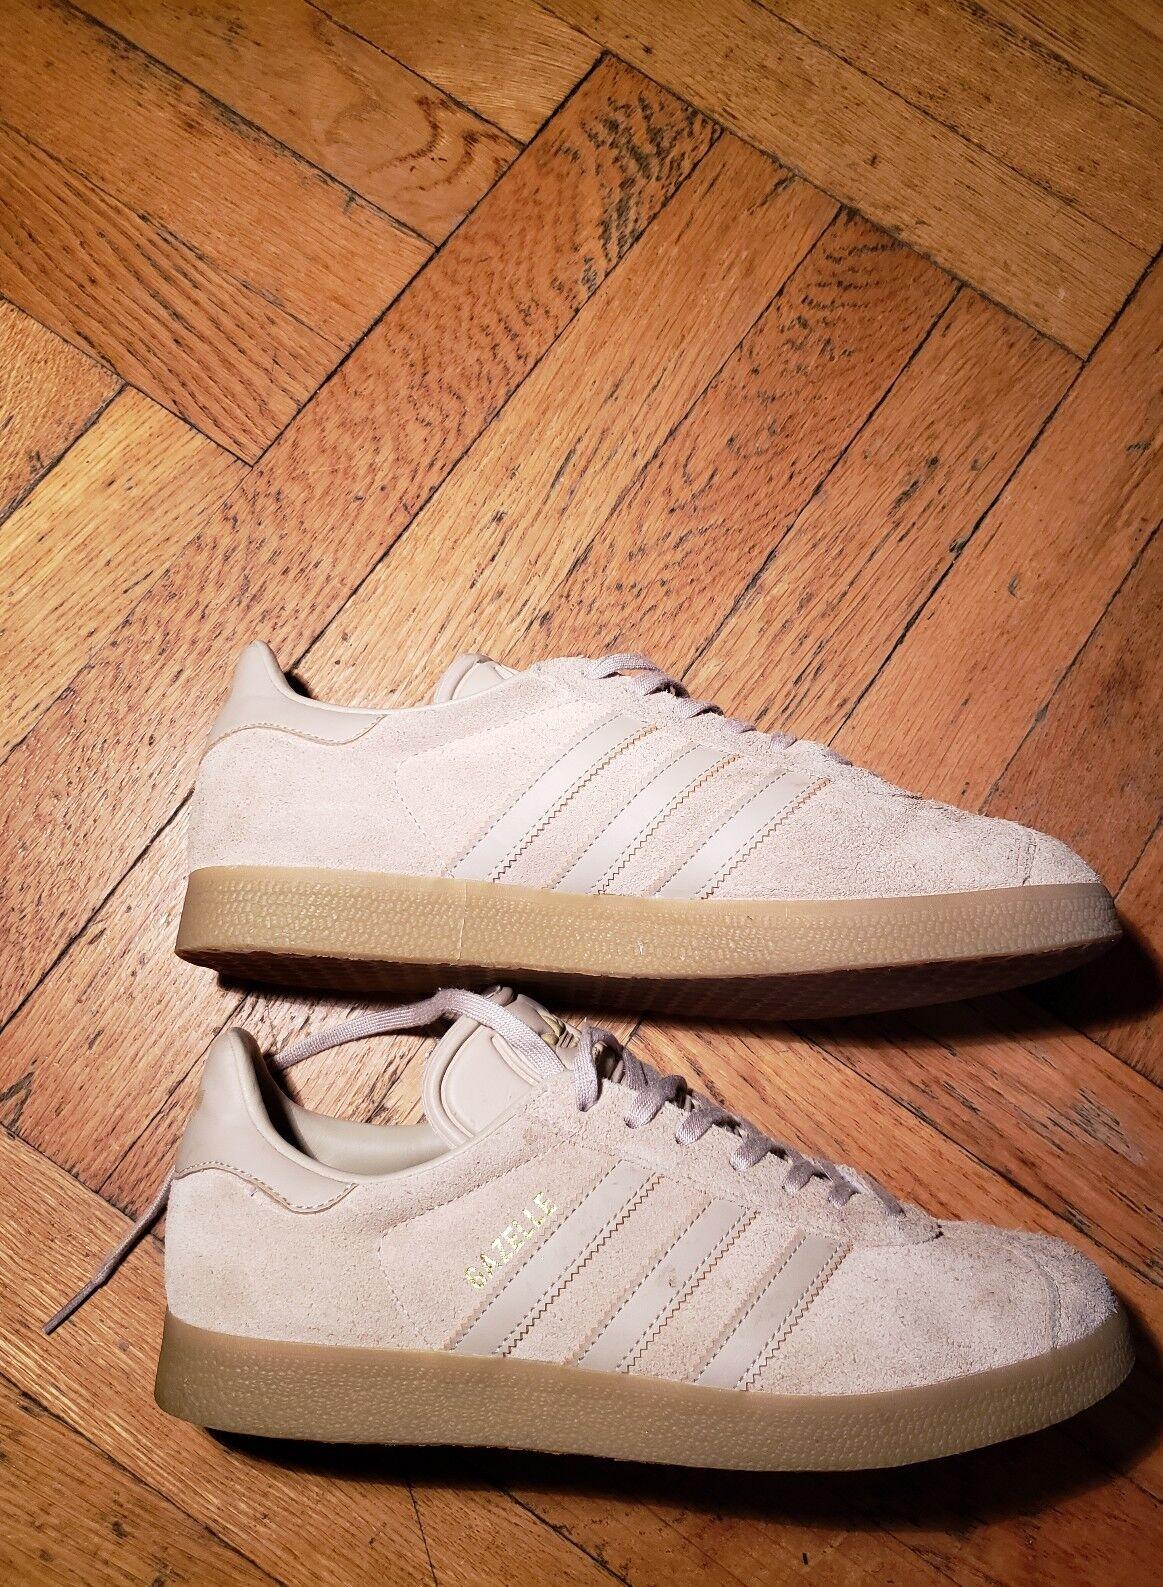 Adidas GAZELLE Shoes Men Comfortable Seasonal clearance sale